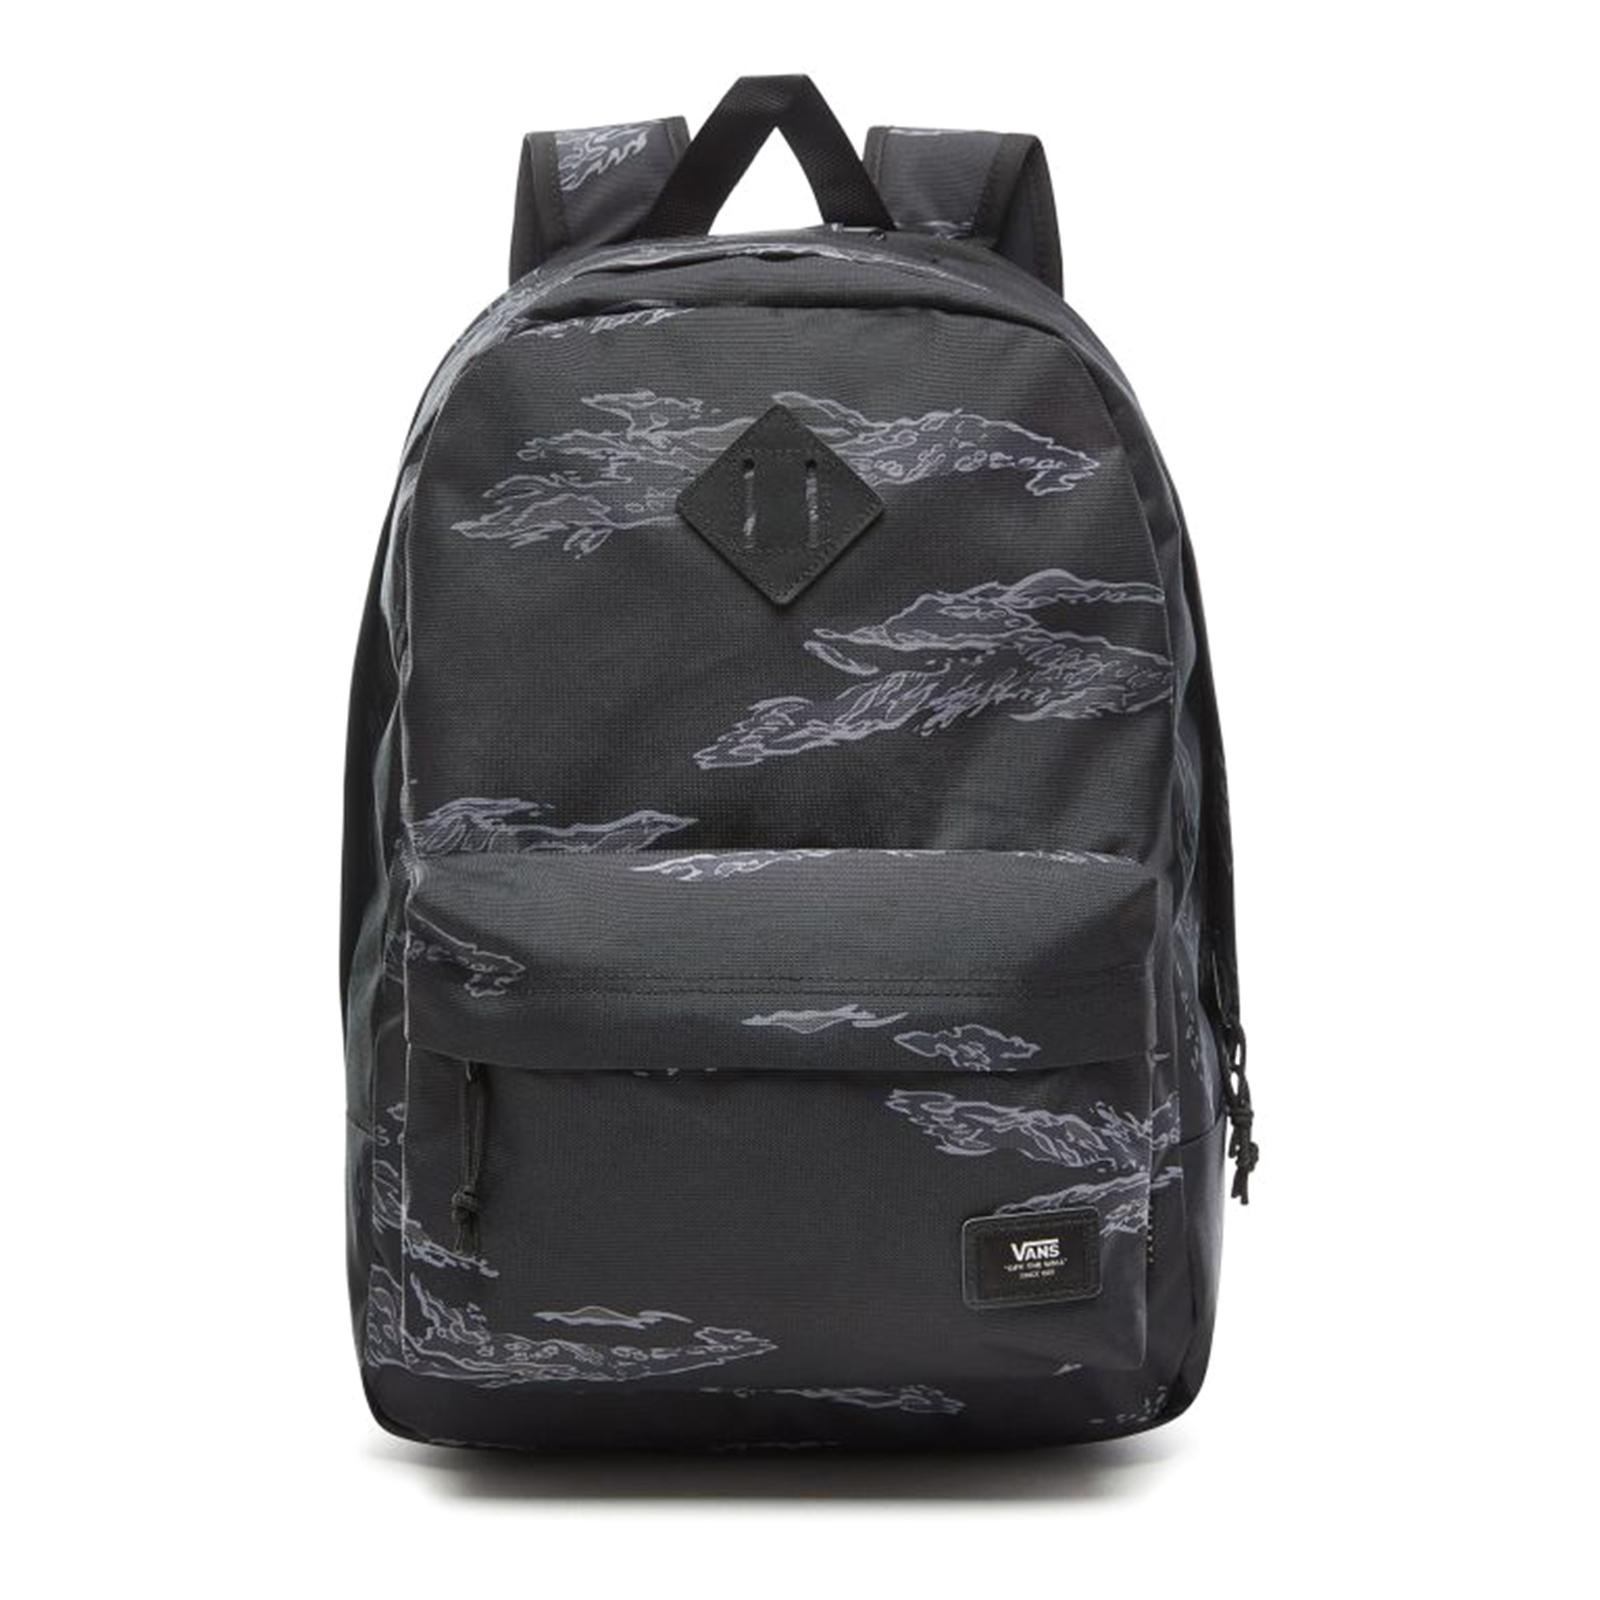 2e660ff5d8 Vans Mn Old Skool Plus - Tiger Camo - Backpack Black | eBay